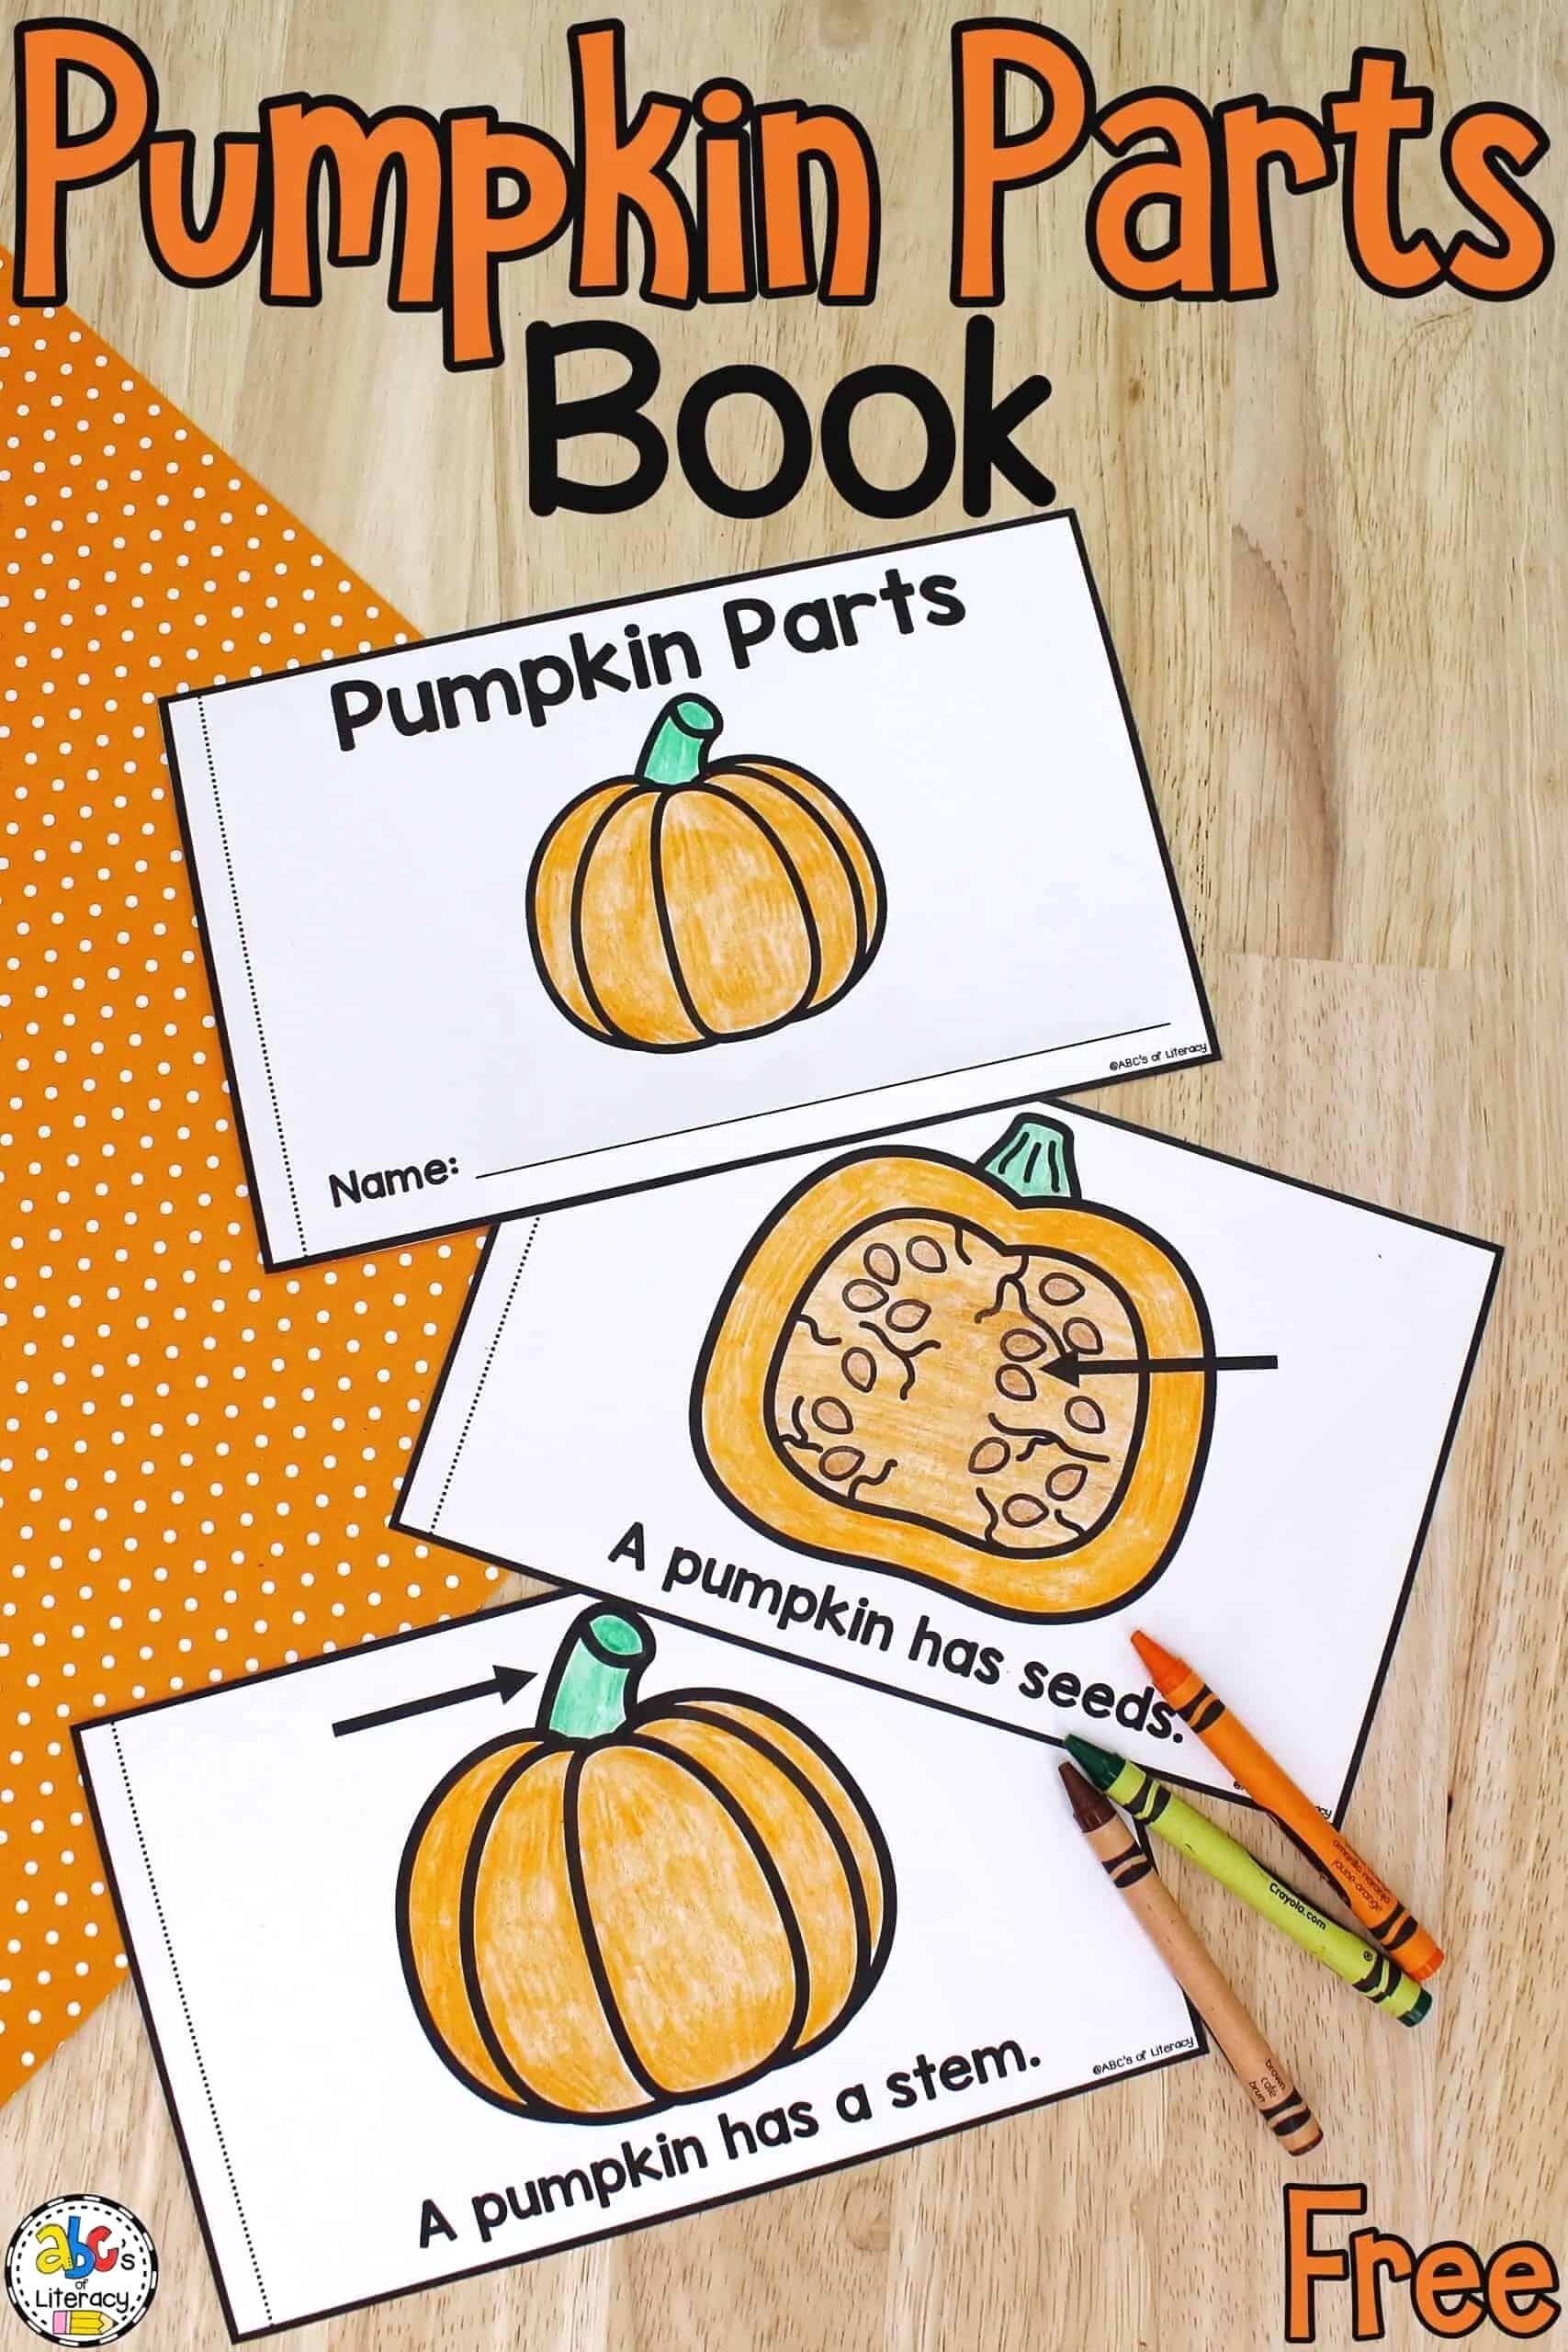 Parts of a Pumpkin Book